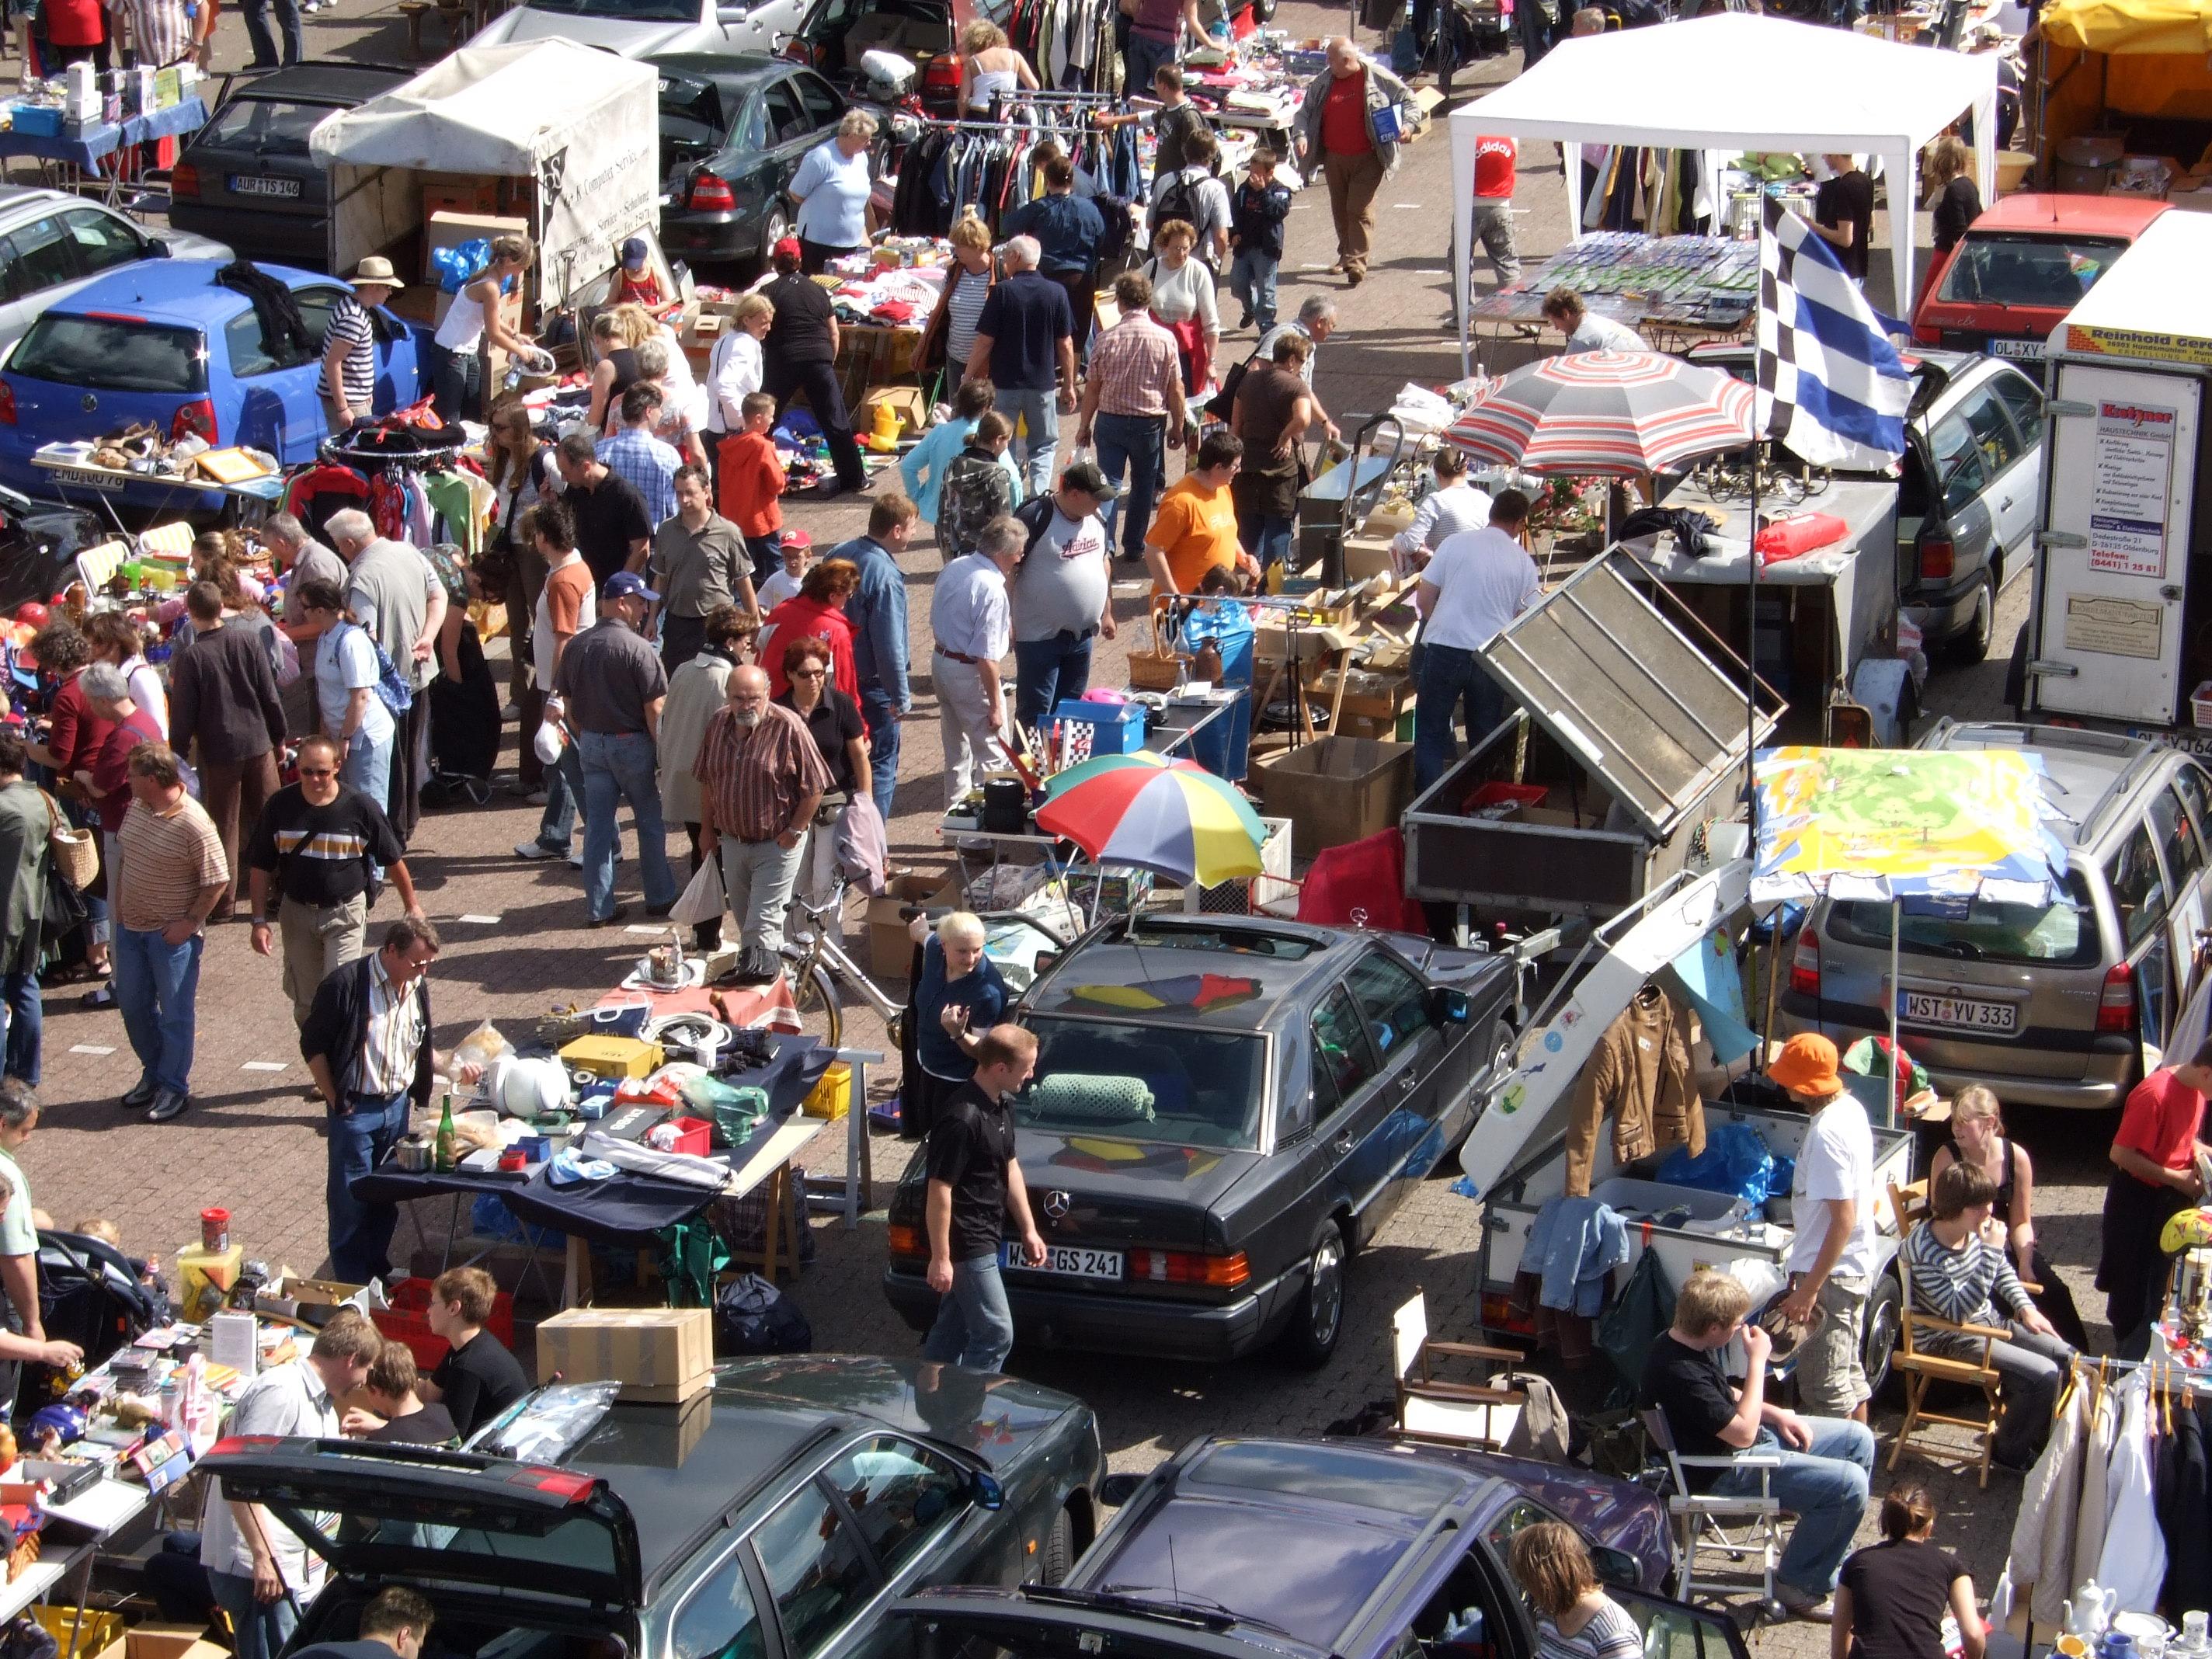 Pressefotos: Flohmarkt in Oldenburg (Famila Einkaufsland